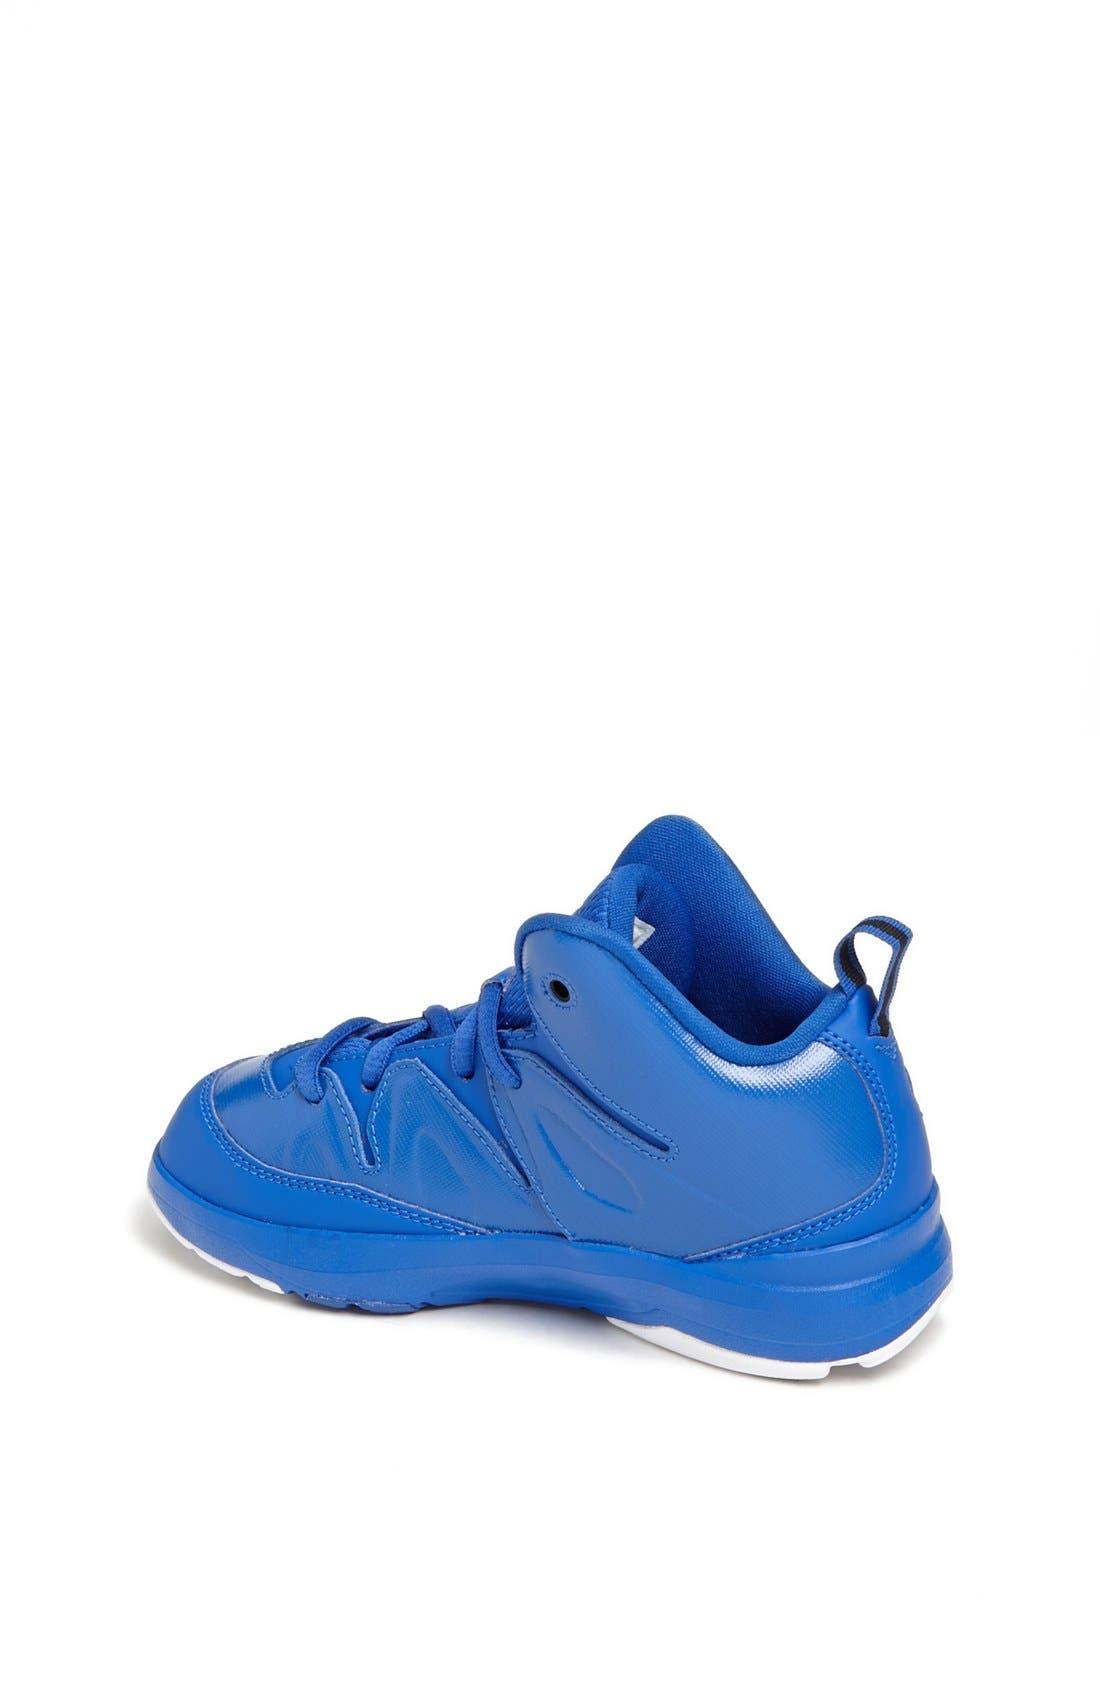 Alternate Image 2  - Nike 'Jordan SuperFly 2' Basketball Shoe (Toddler & Little Kid)